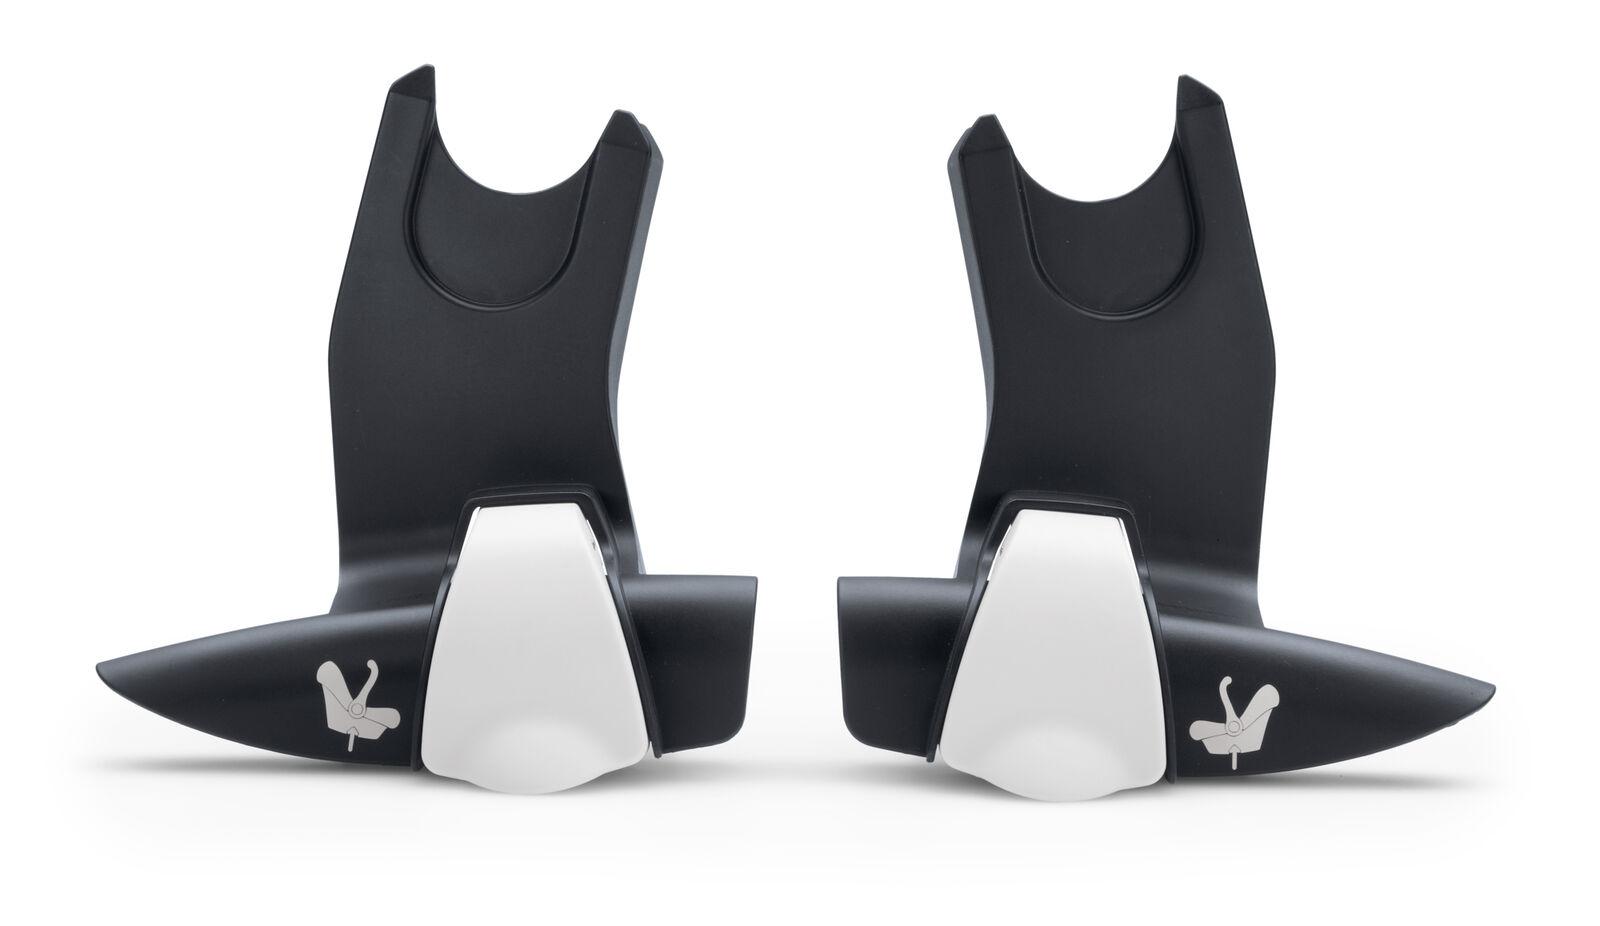 Bugaboo Bee 5 Adapter for Maxi Cosi® Car Seats